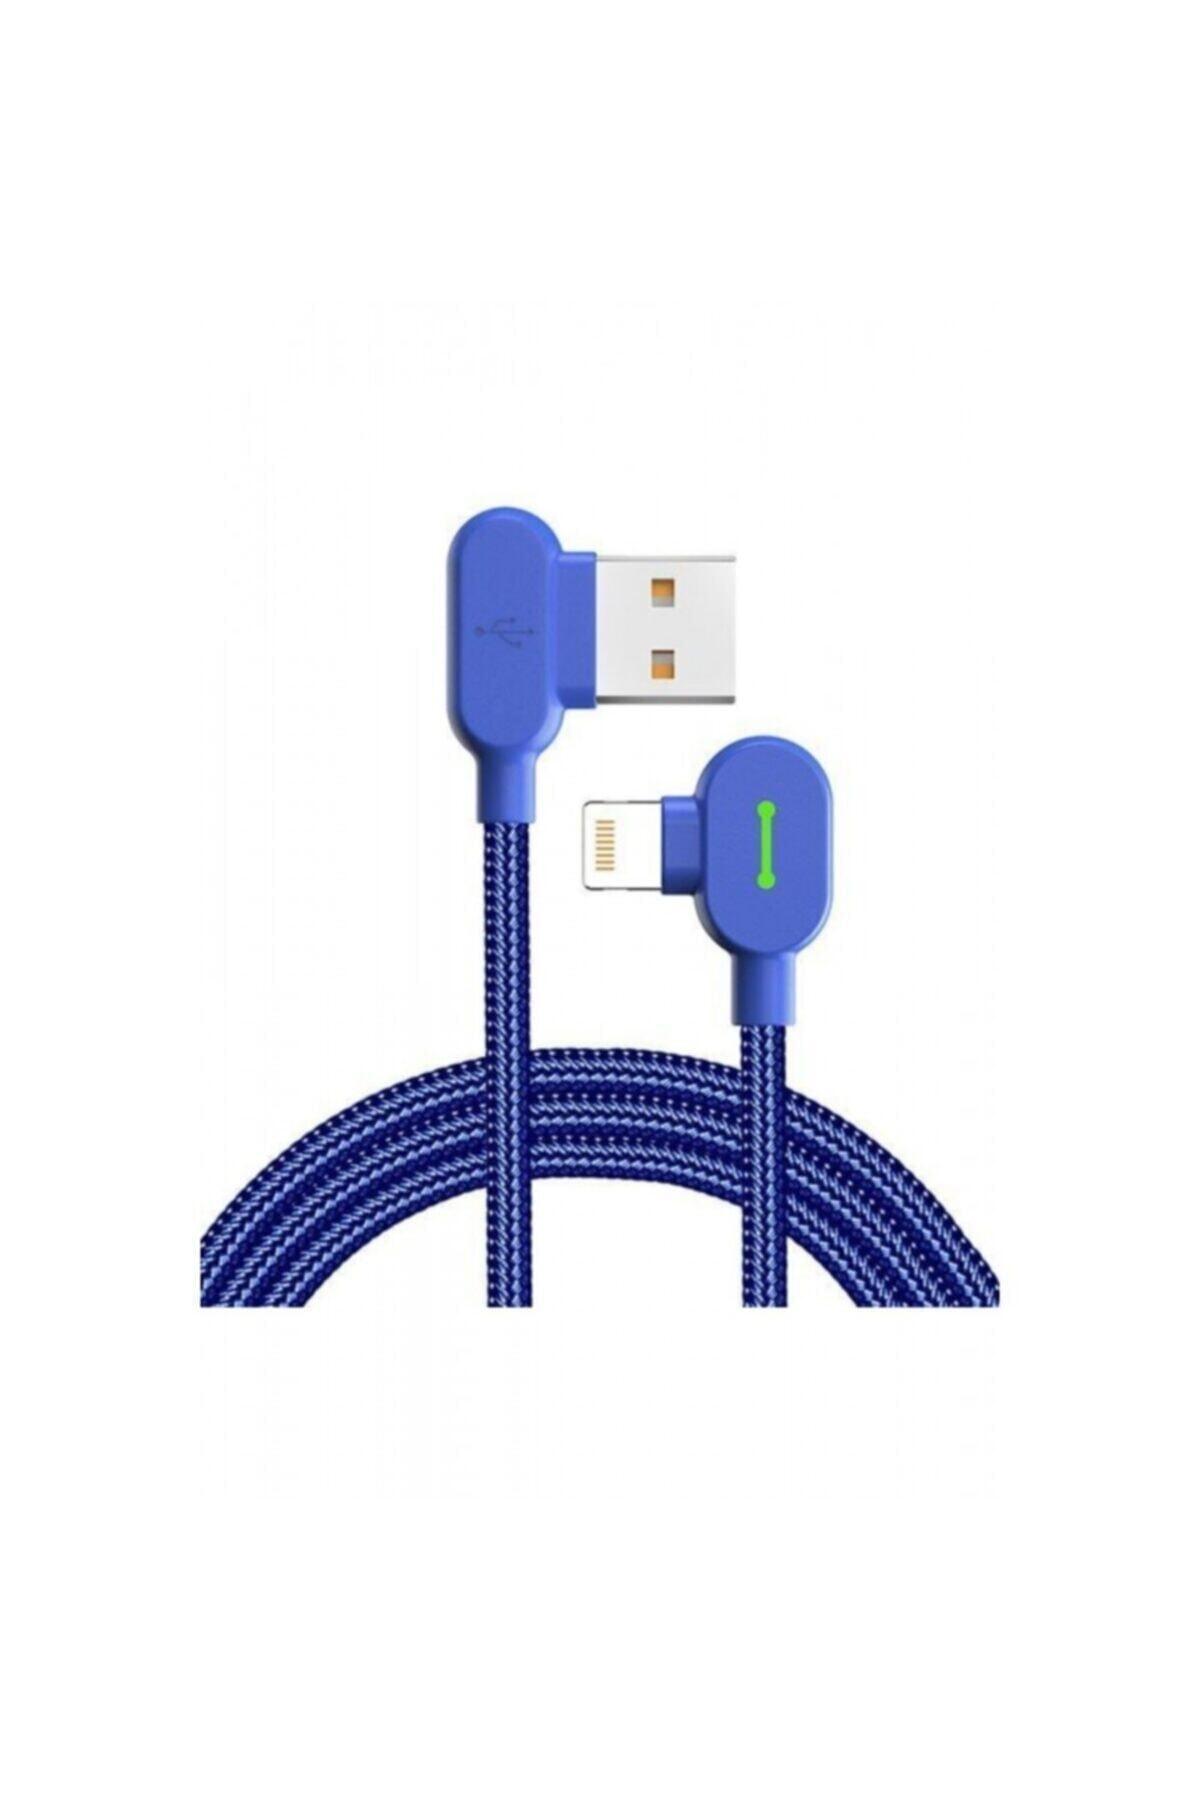 Mcdodo Mavi Iphone Uyumlu Data Ve Şarj Kablosu Ca-4678 1.8 mt 1